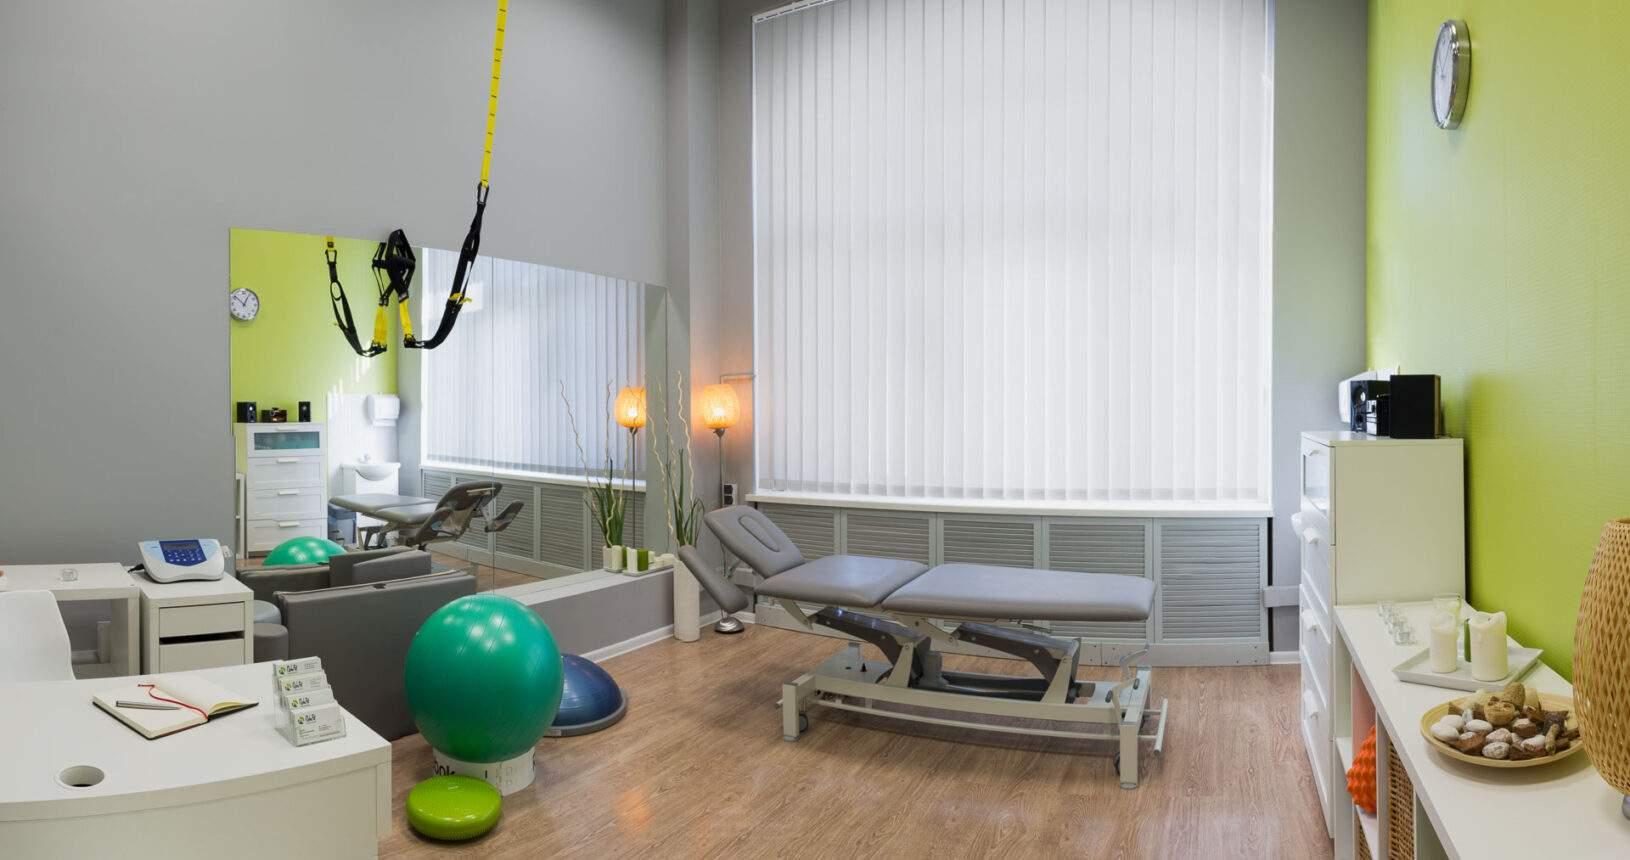 Przestronne i dobrze wyposażone centrum rehabilitacji i masażu RehaFit czeka na Ciebie.